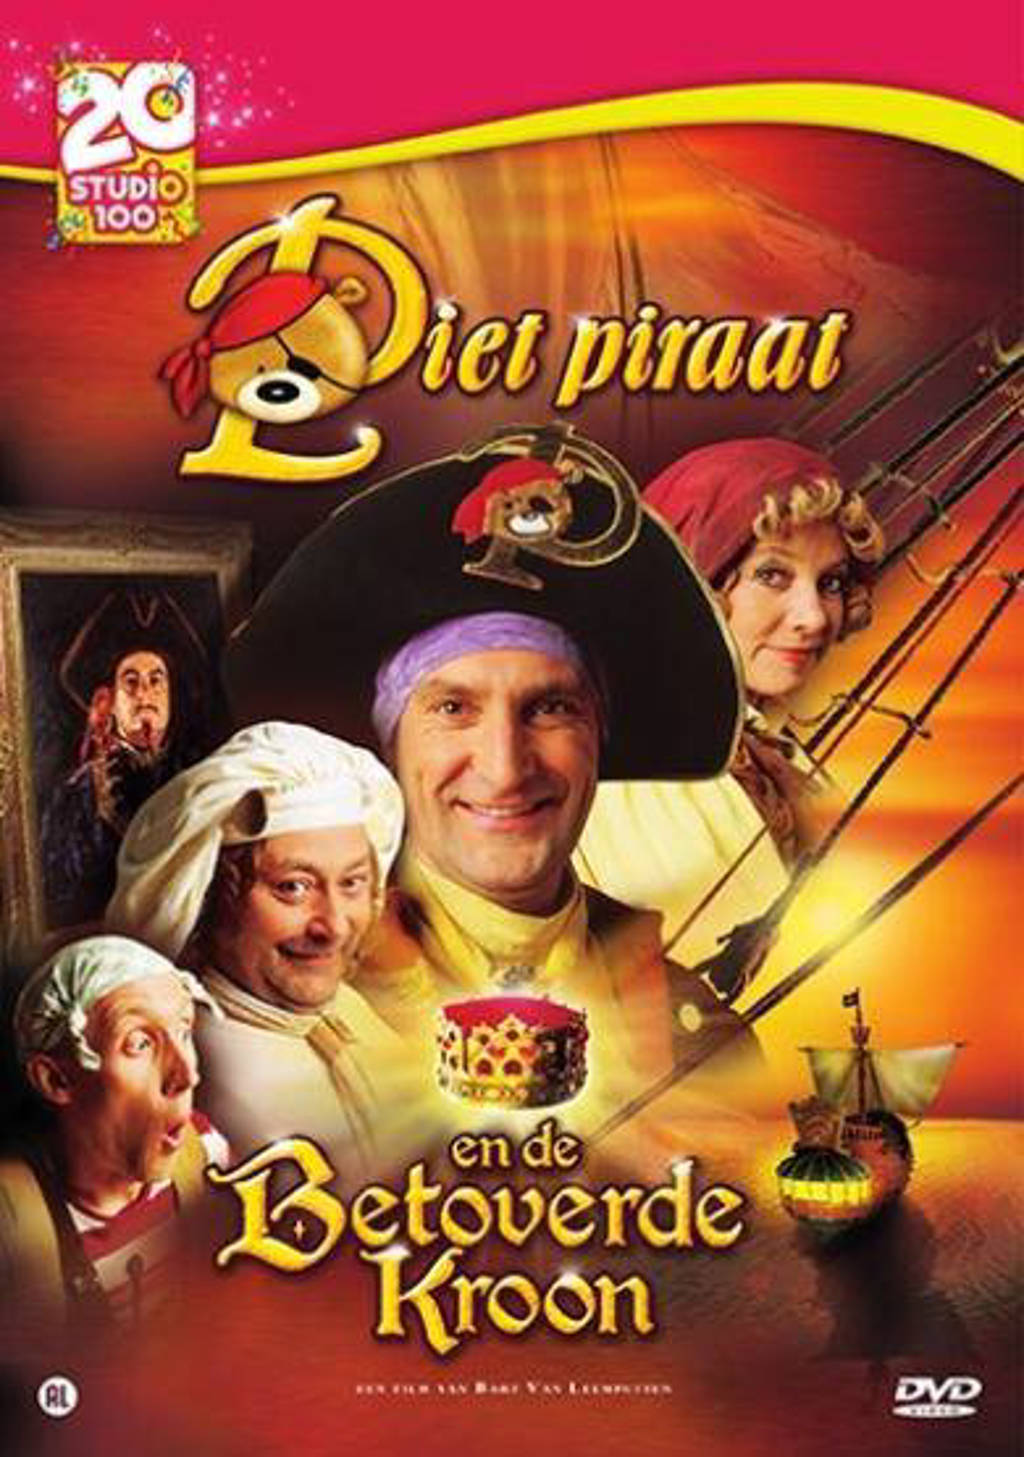 Piet Piraat -  En de betoverde kroon (DVD)